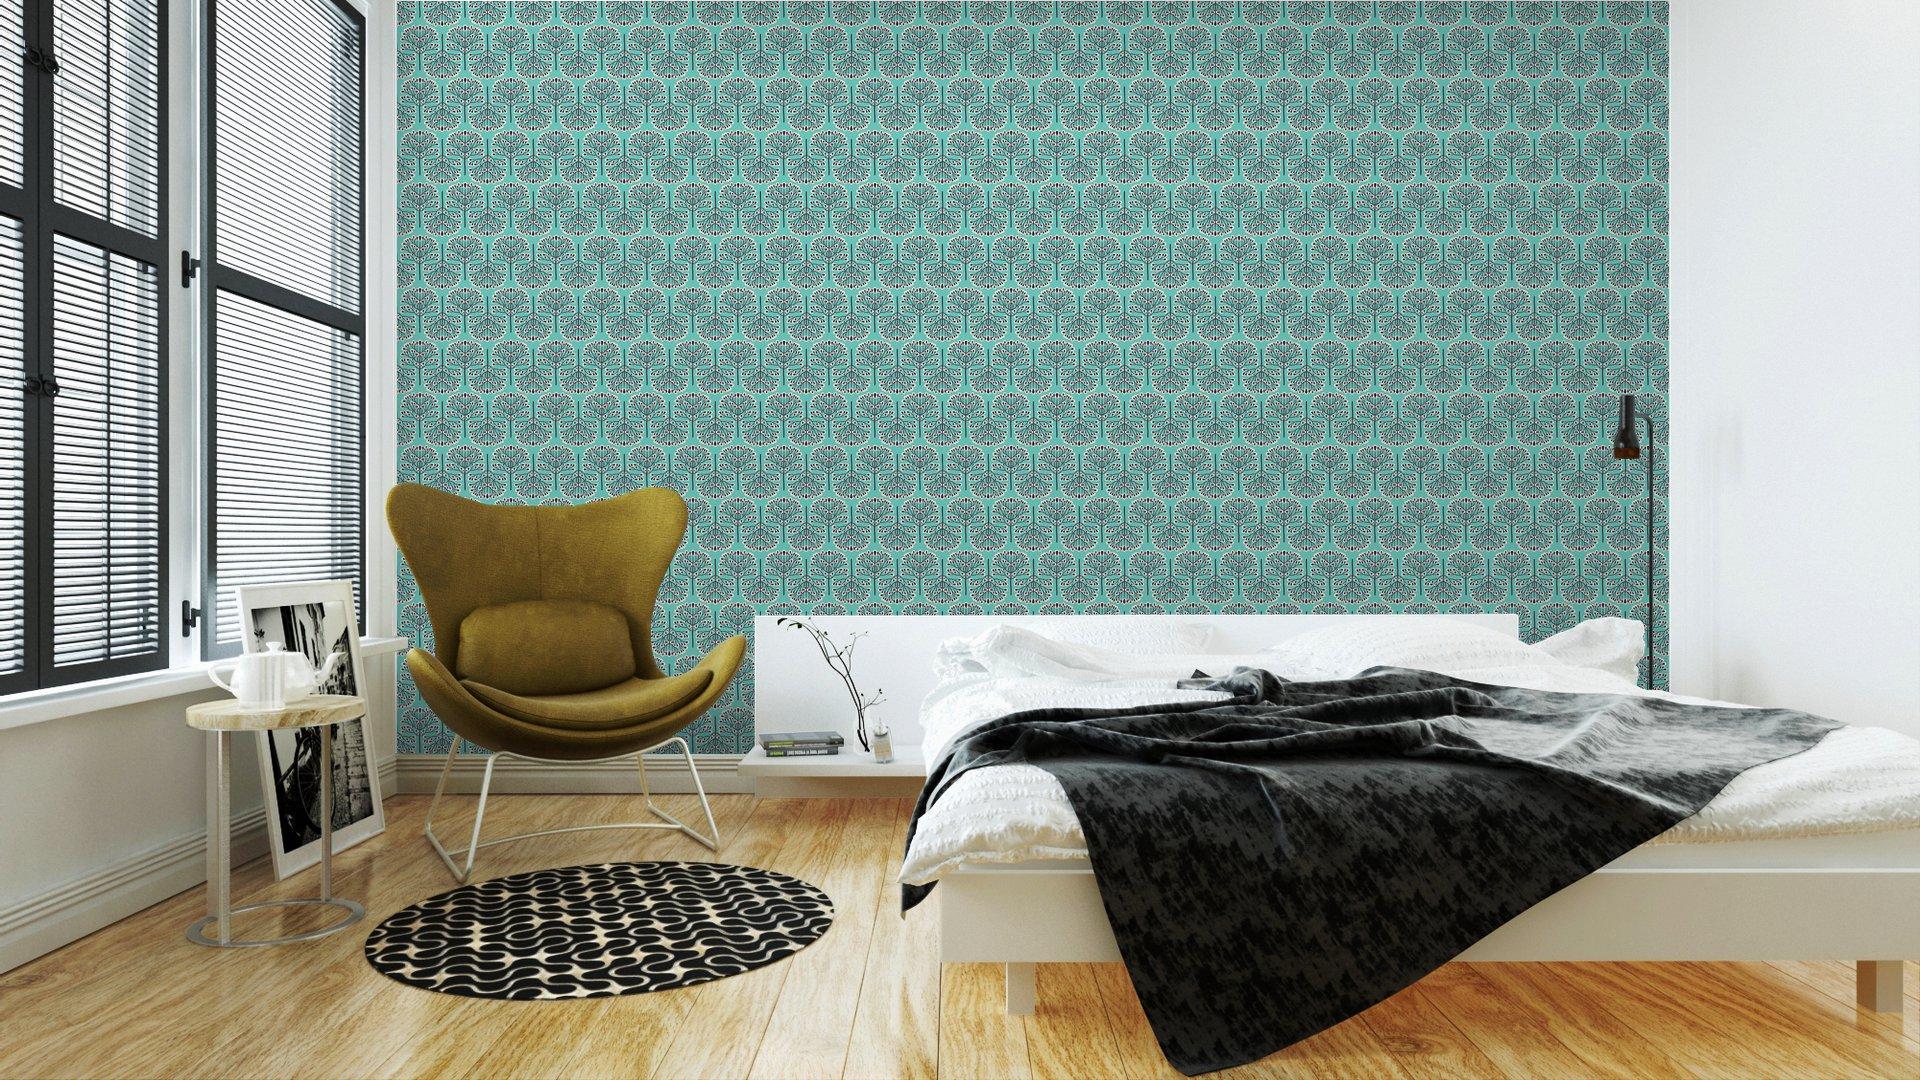 Fotomurales mexico papeles pintados lavables patron bosque sin fisuras 2 - Papel Tapiz Patrón Bosque Abstracto en Fondo Azul 01